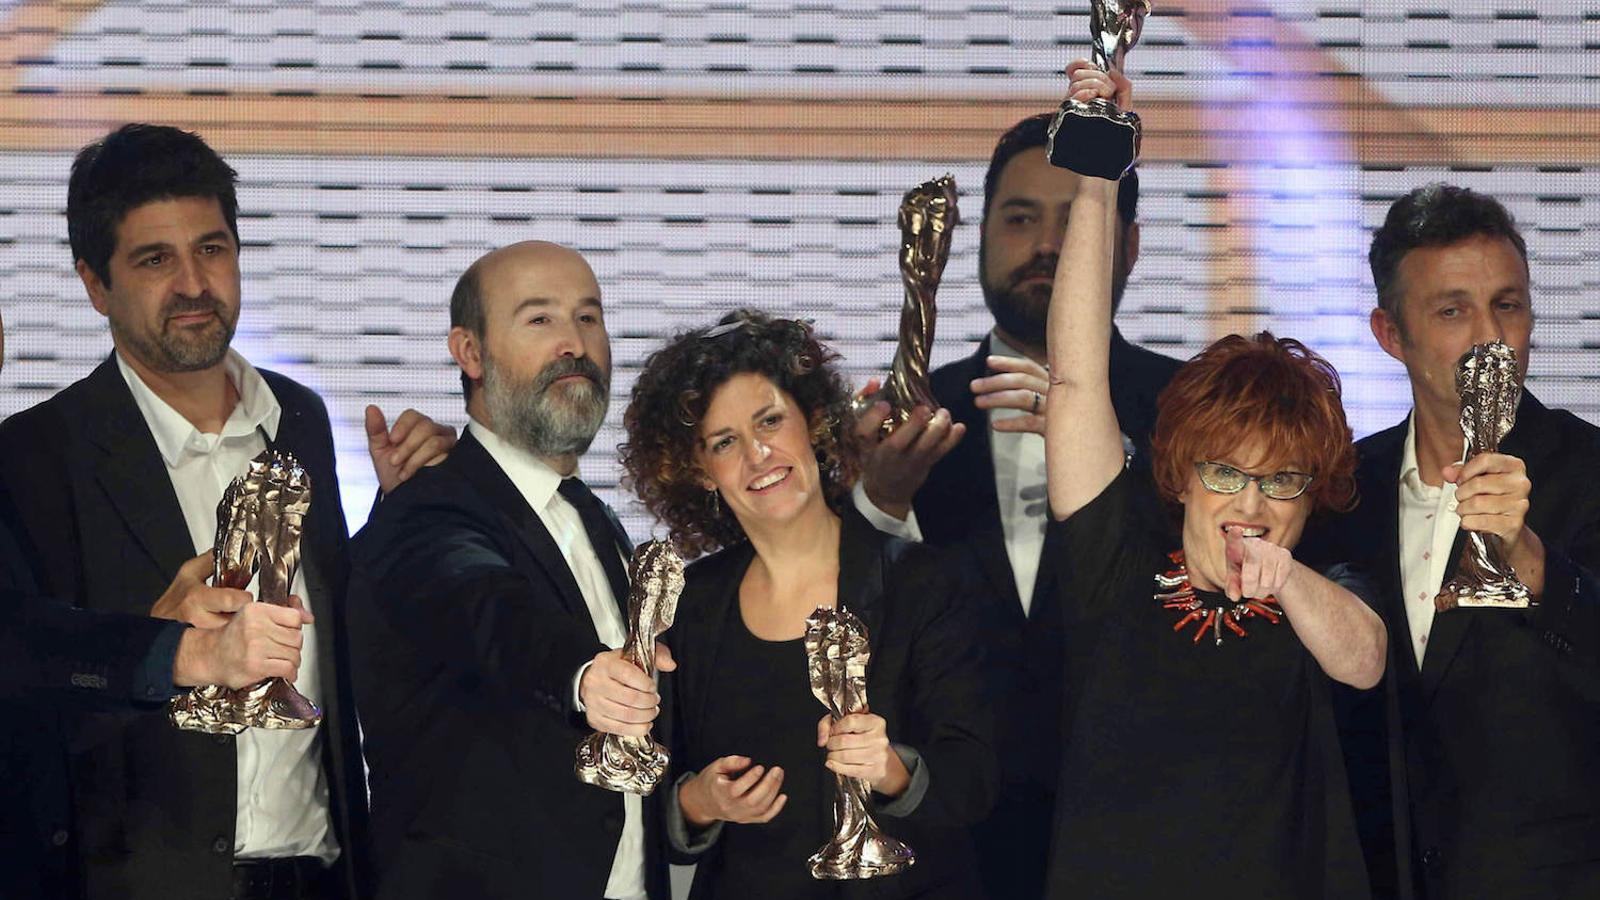 L'equip de 'Truman', amb la productora, Marta Esteban, amb el braç enlaire, al capdavant, recollint el premi a la millor pel·lícula de parla no catalana / EFE